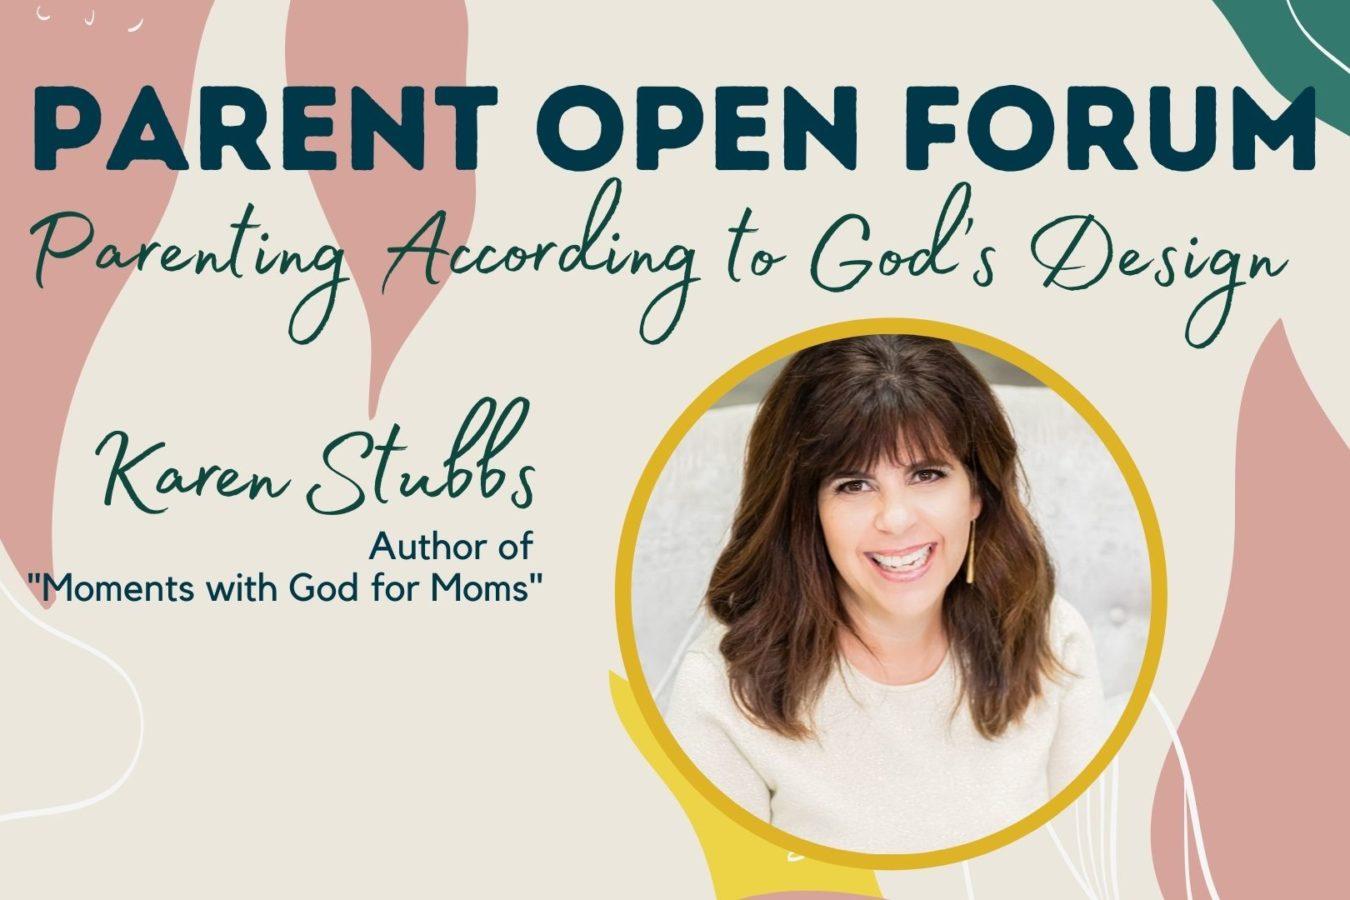 Parenting According to God's Design: Parent Open Forum